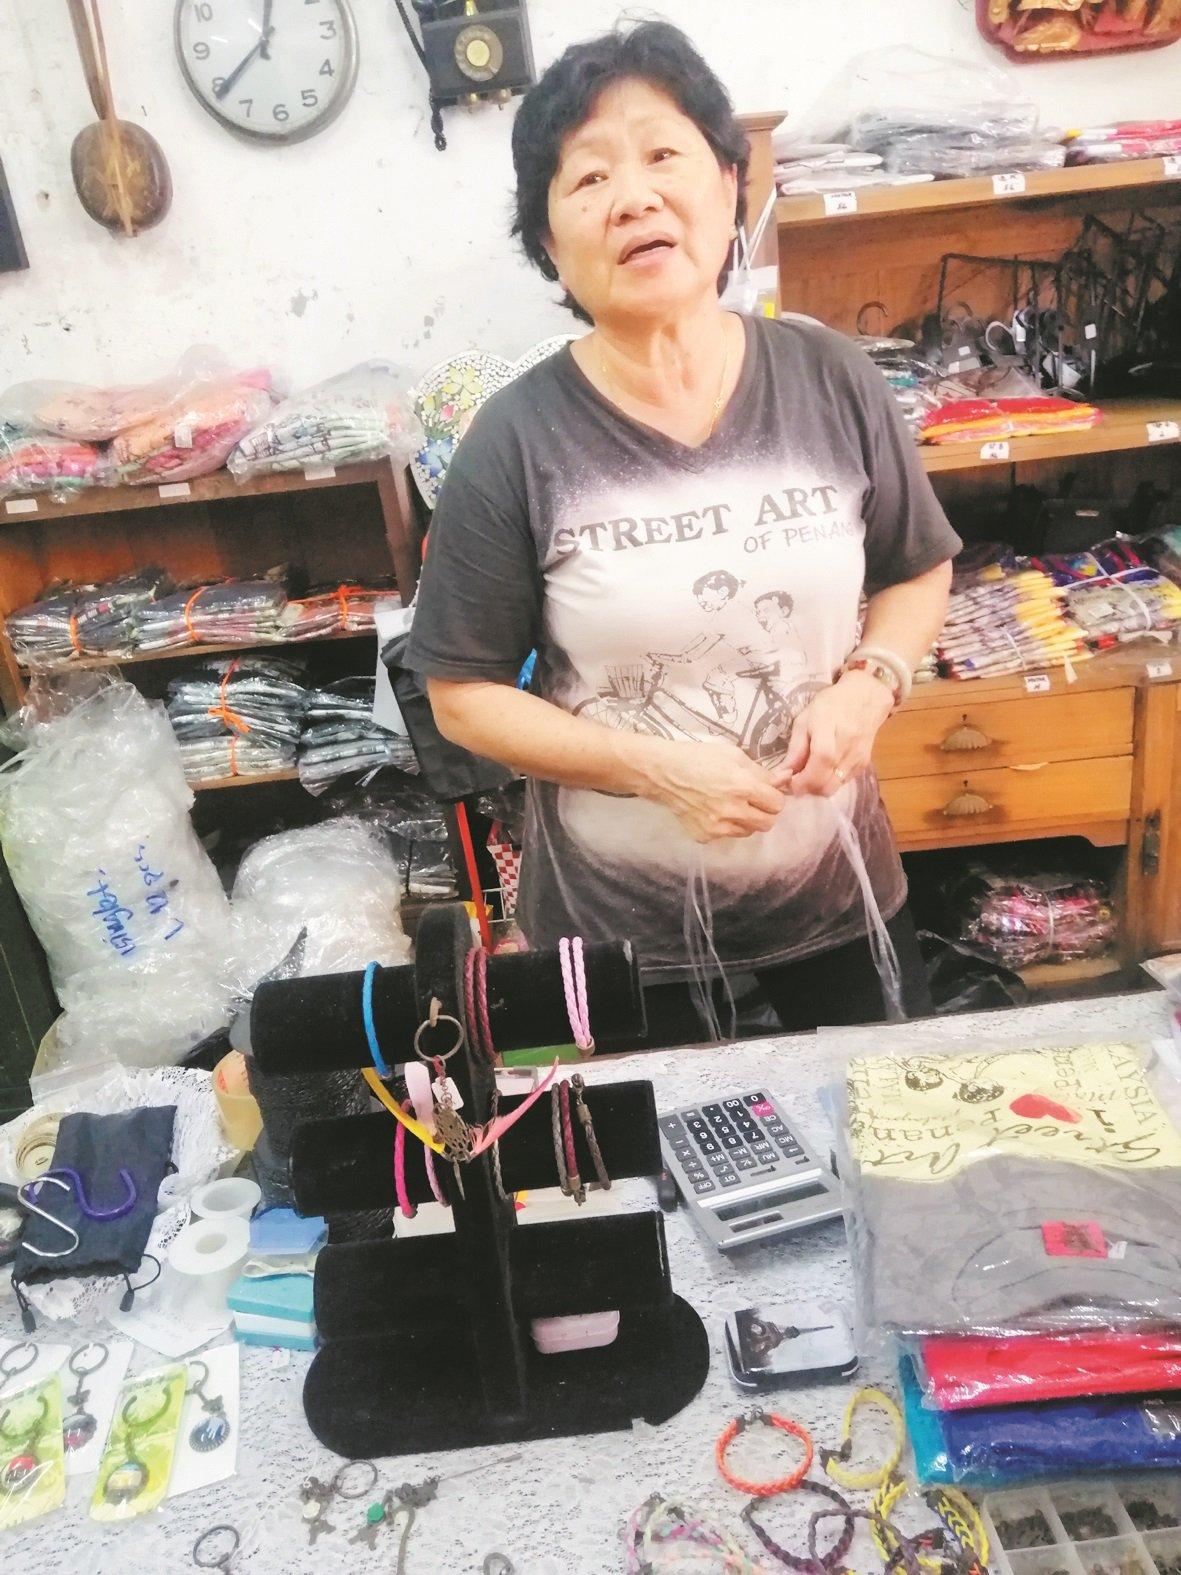 张女士认为,其店铺靠近壁画街,需要转型,才能依靠游客生意为生。